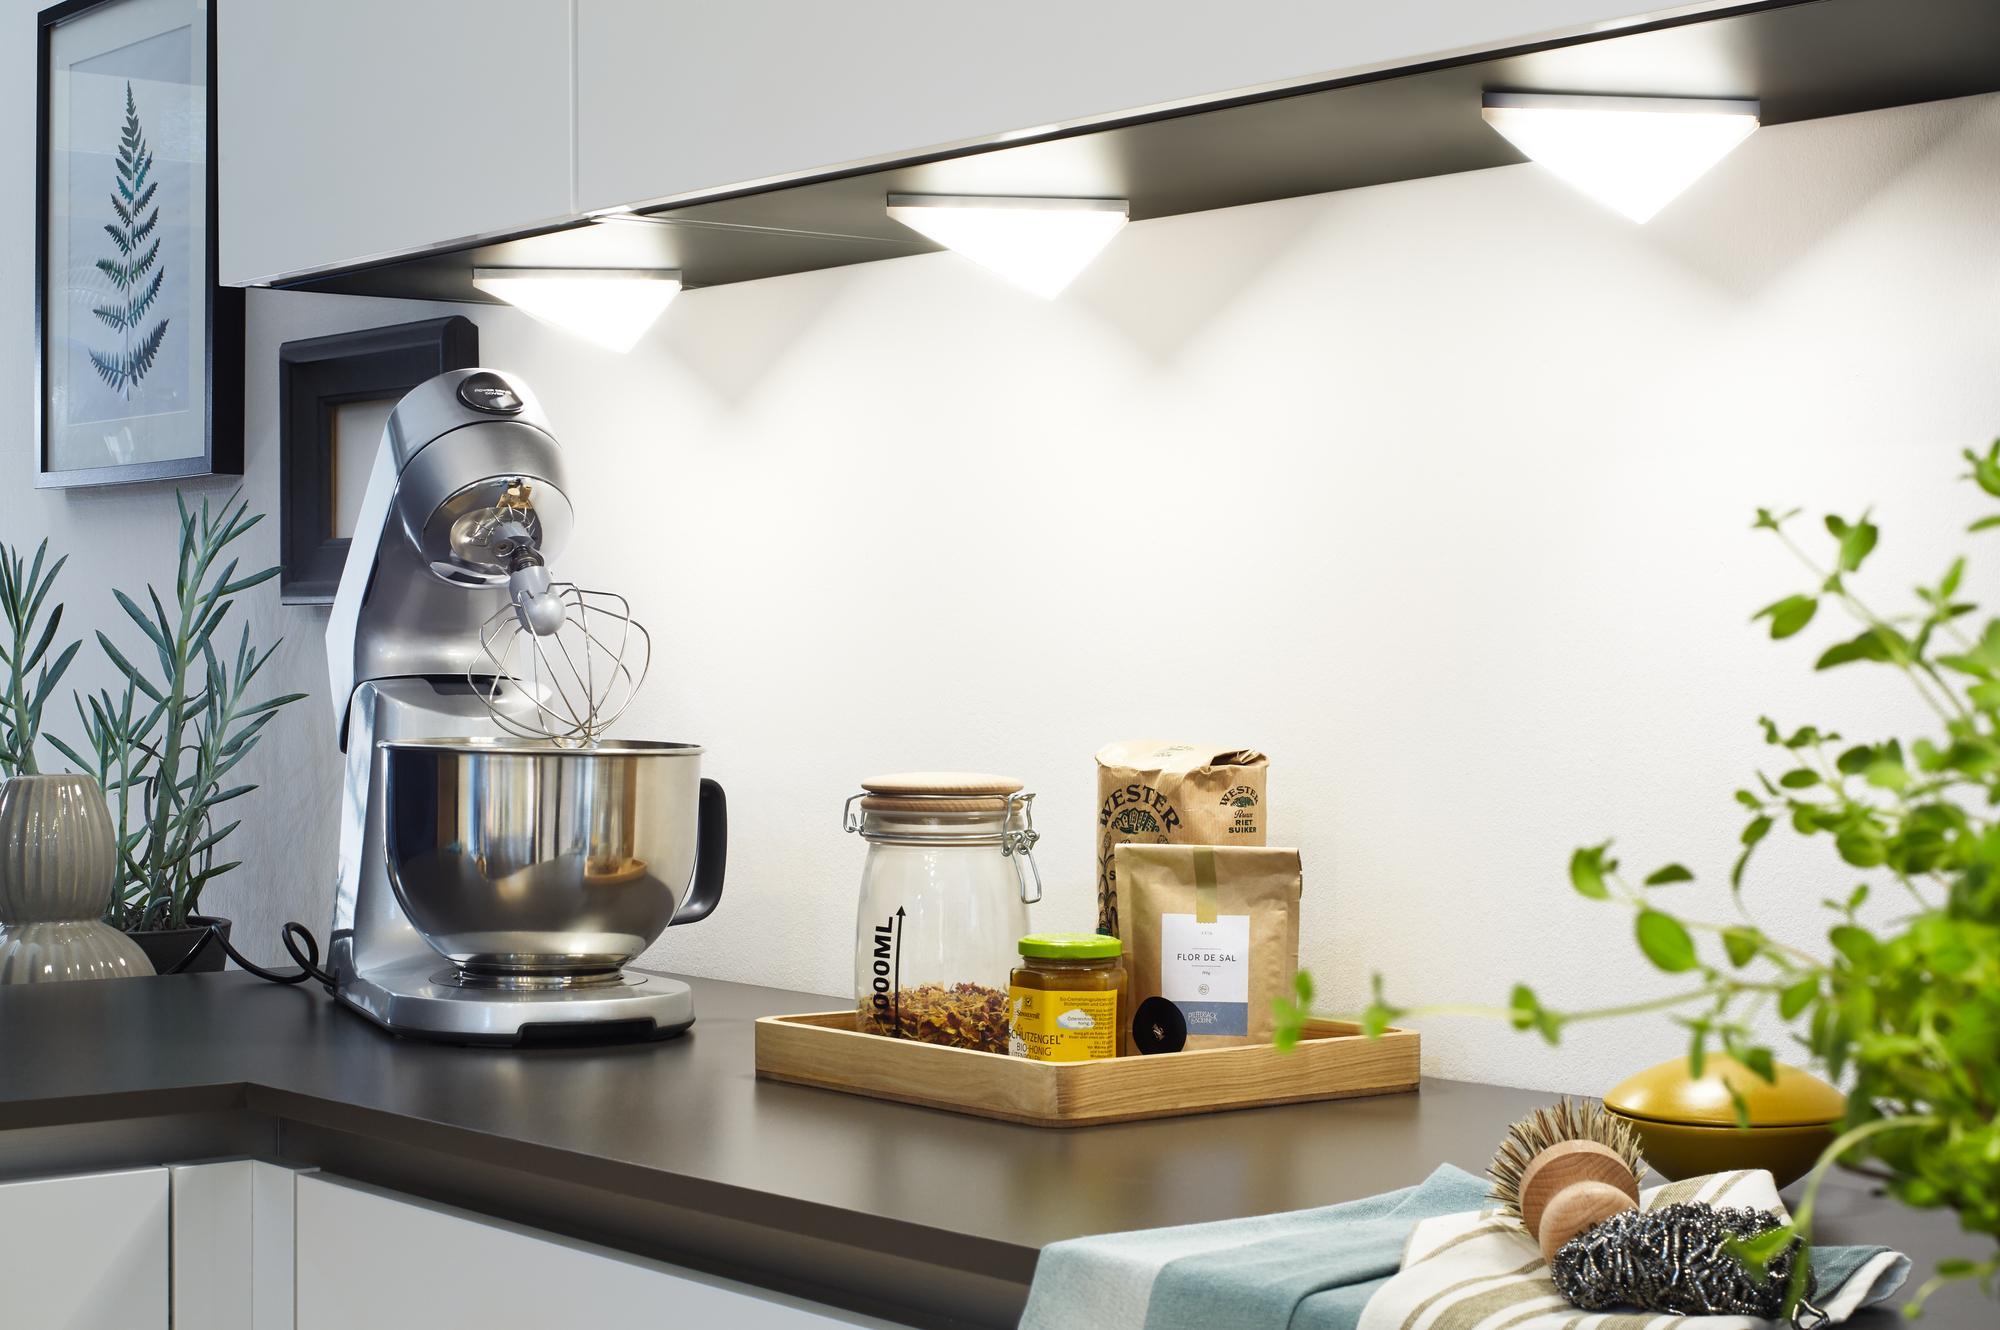 Full Size of Led Beleuchtung Küche Tolle Ideen Rund Um Das Thema Kchenbeleuchtung Weiße Grifflose Vorratsschrank Holzbrett Pendelleuchte Unterschränke Deko Für Holz Küche Led Beleuchtung Küche